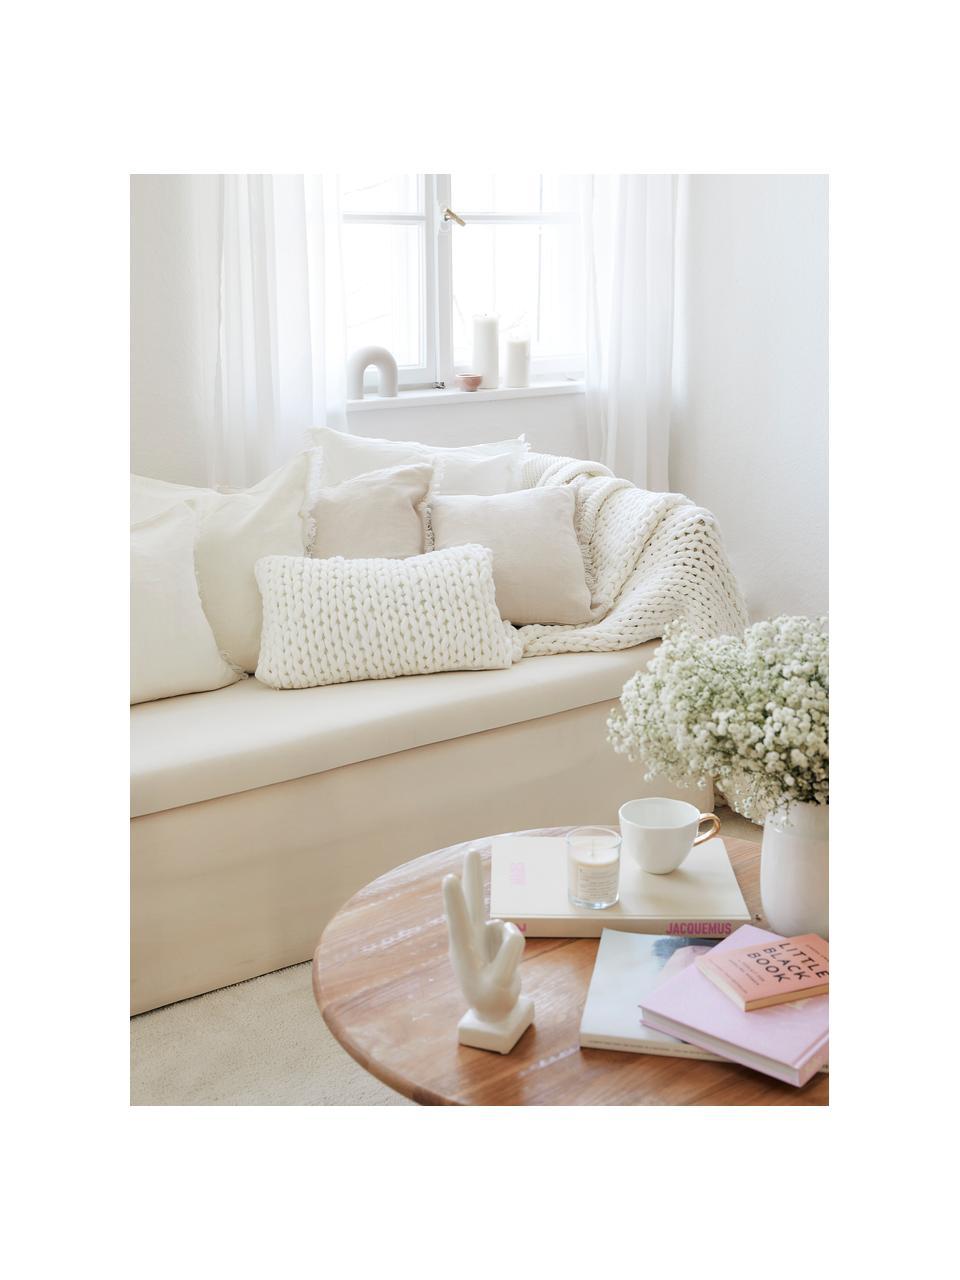 Tasse Good Morning in Weiß mit goldfarbenem Griff, Steingut, Weiß, Goldfarben, Ø 11 x H 8 cm